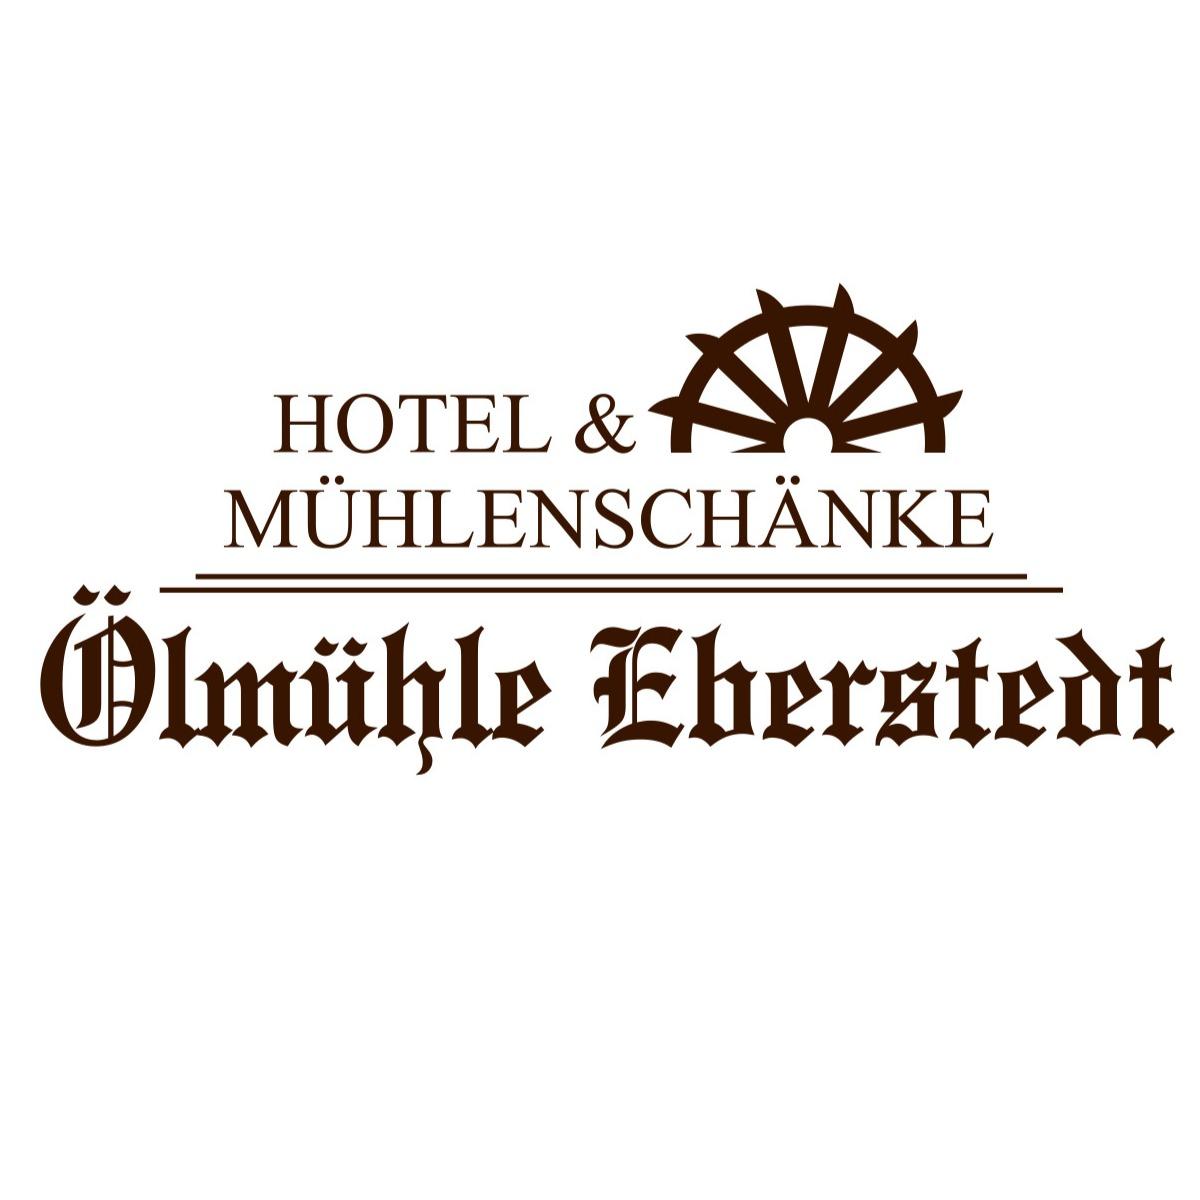 Logo von Historische Ölmühle Eberstedt